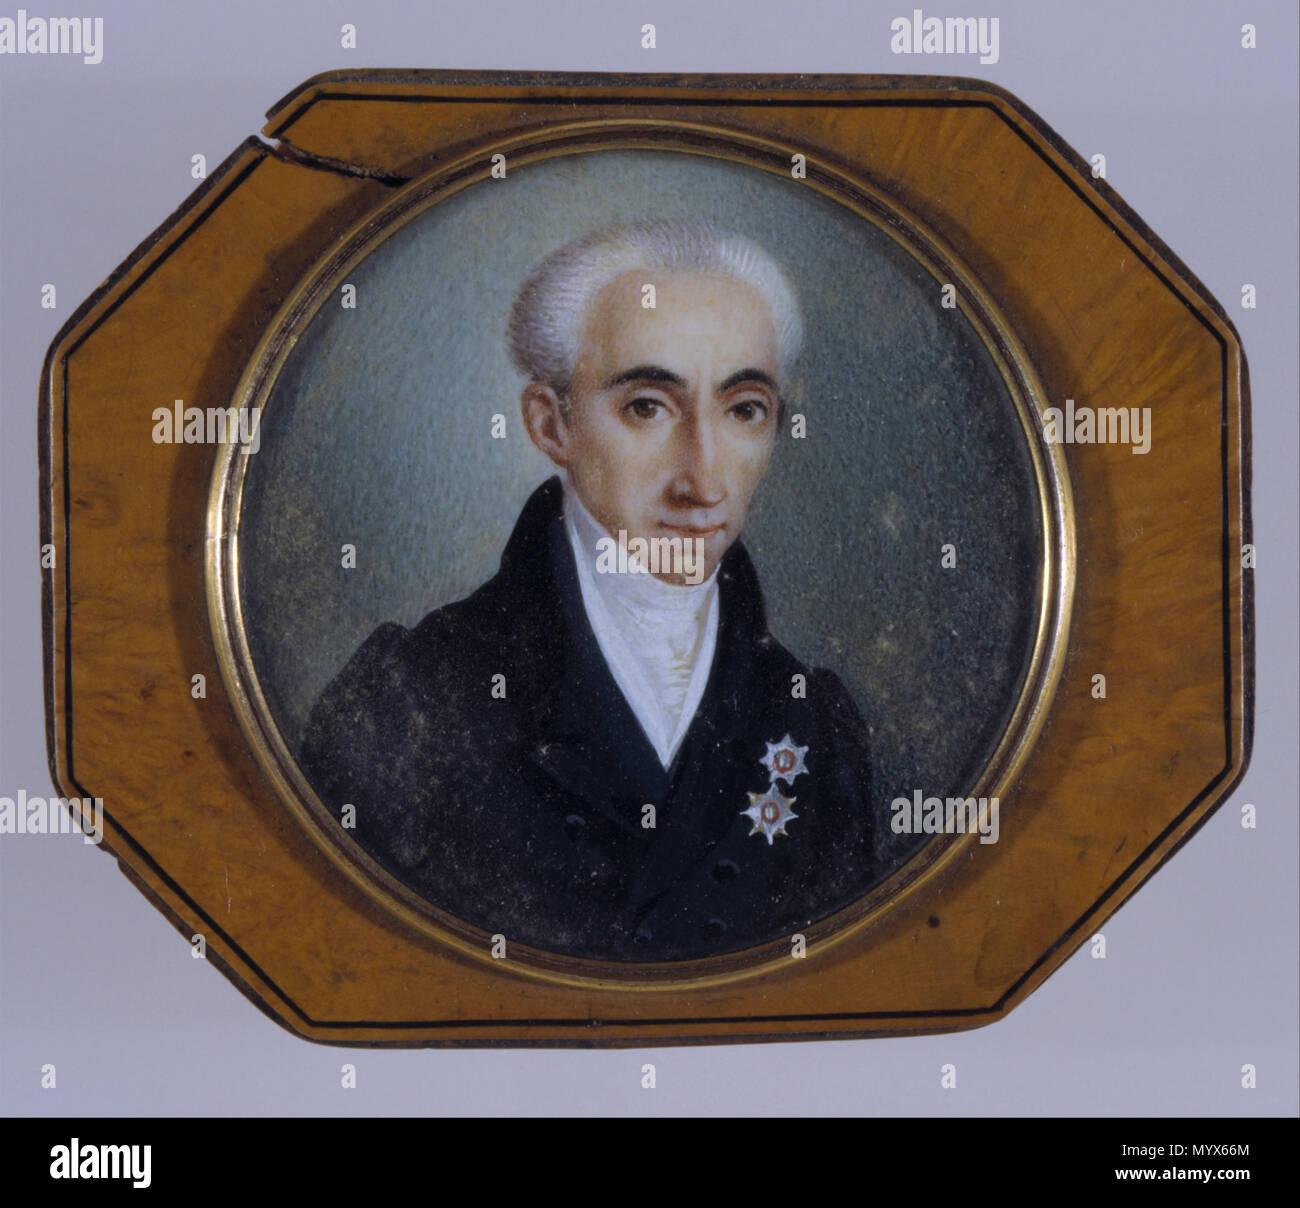 . Il tabacco-box . (1800 - 1899) 1 il tabacco-box - Google Art Project Immagini Stock